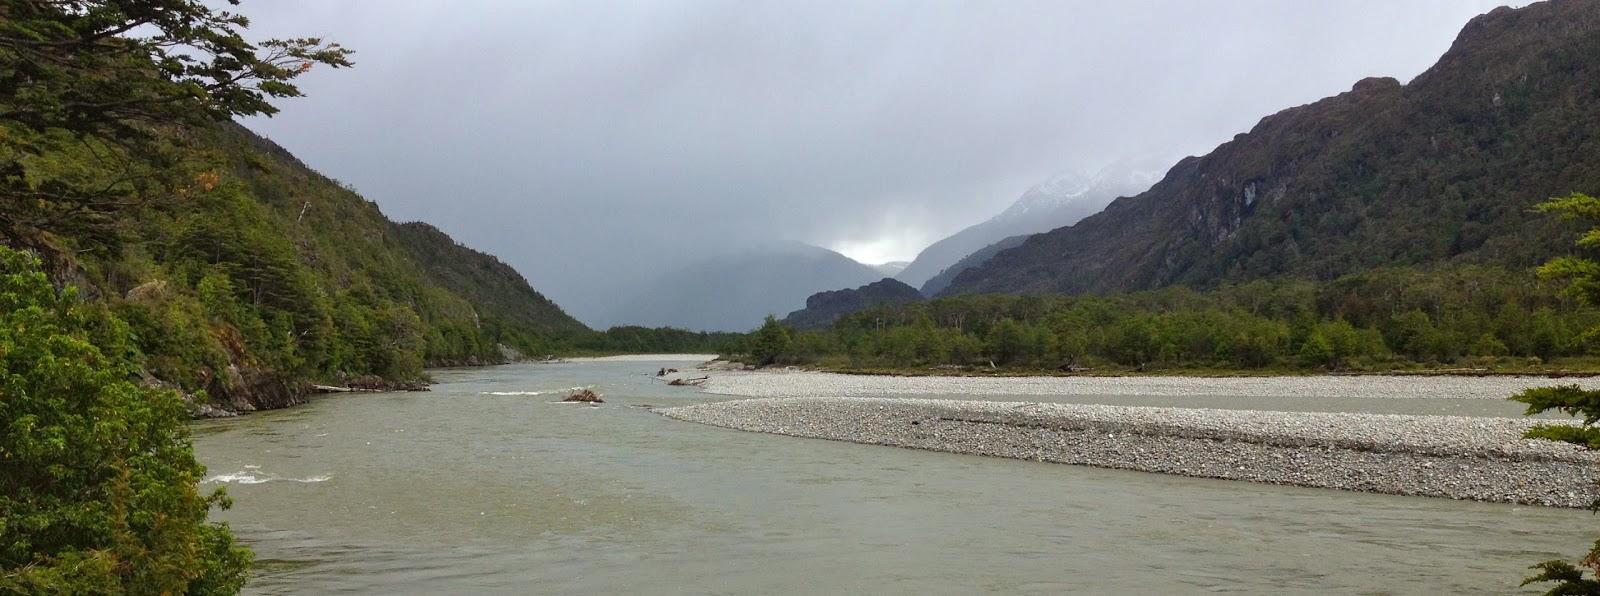 Река Браво